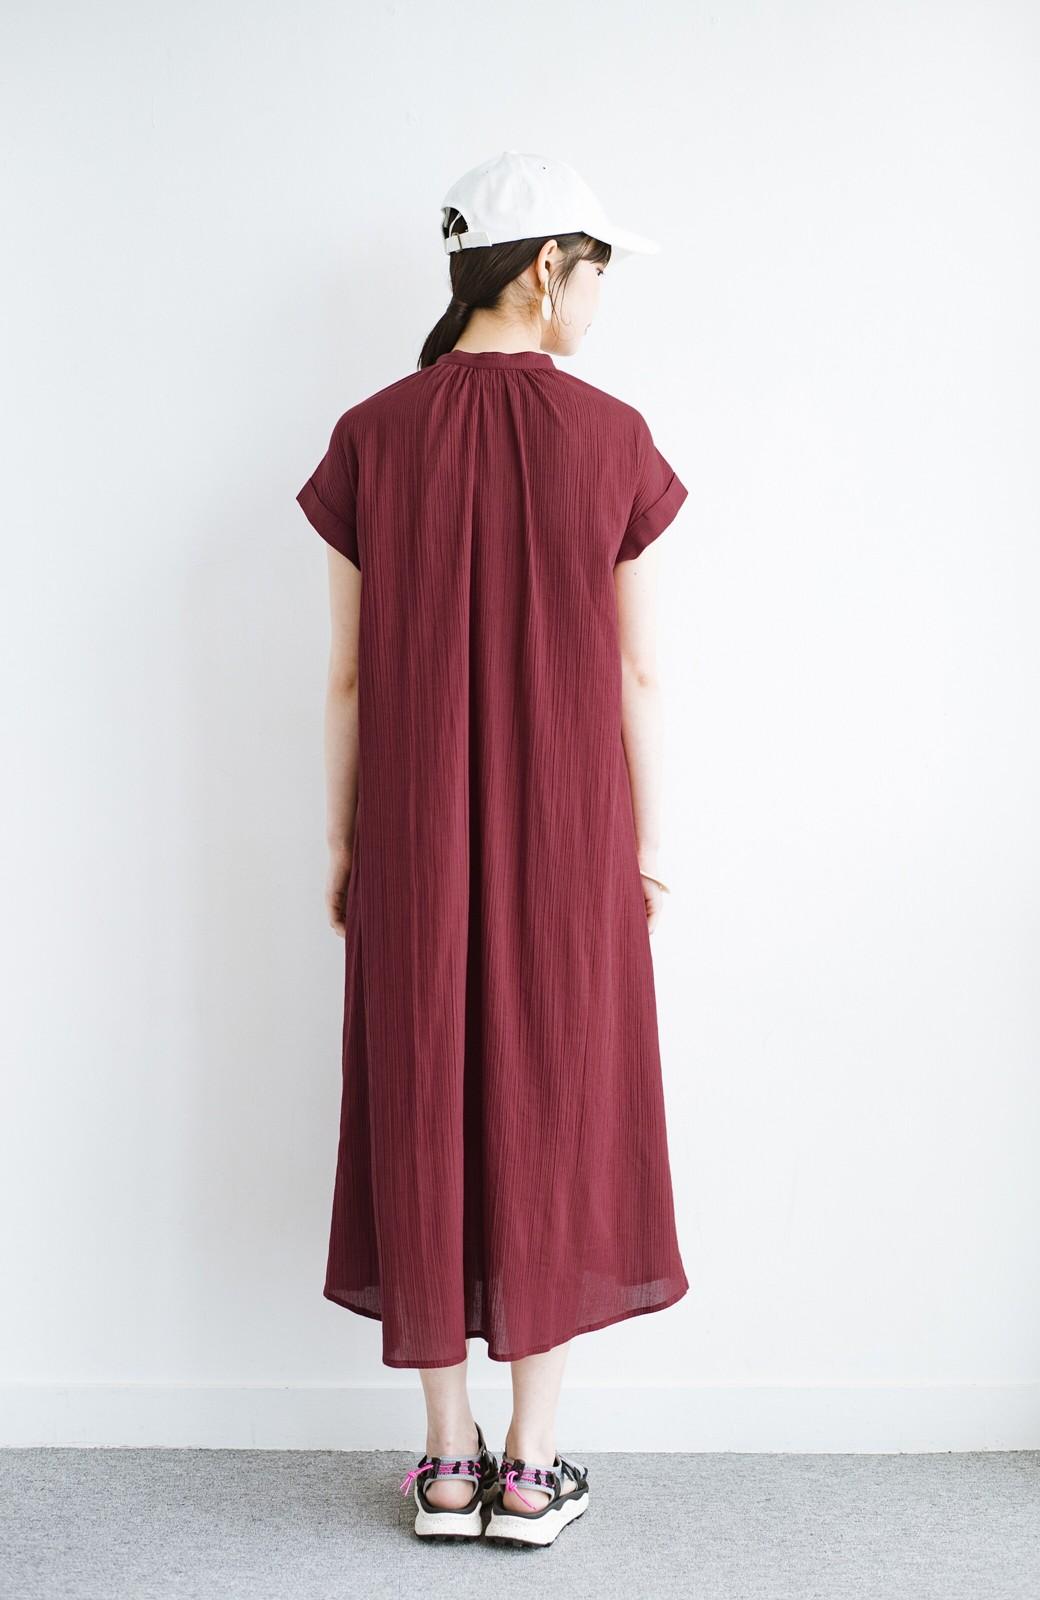 haco! バレずにとことん楽できる 羽織りとしても使える軽やかシャツワンピース <レッド>の商品写真15